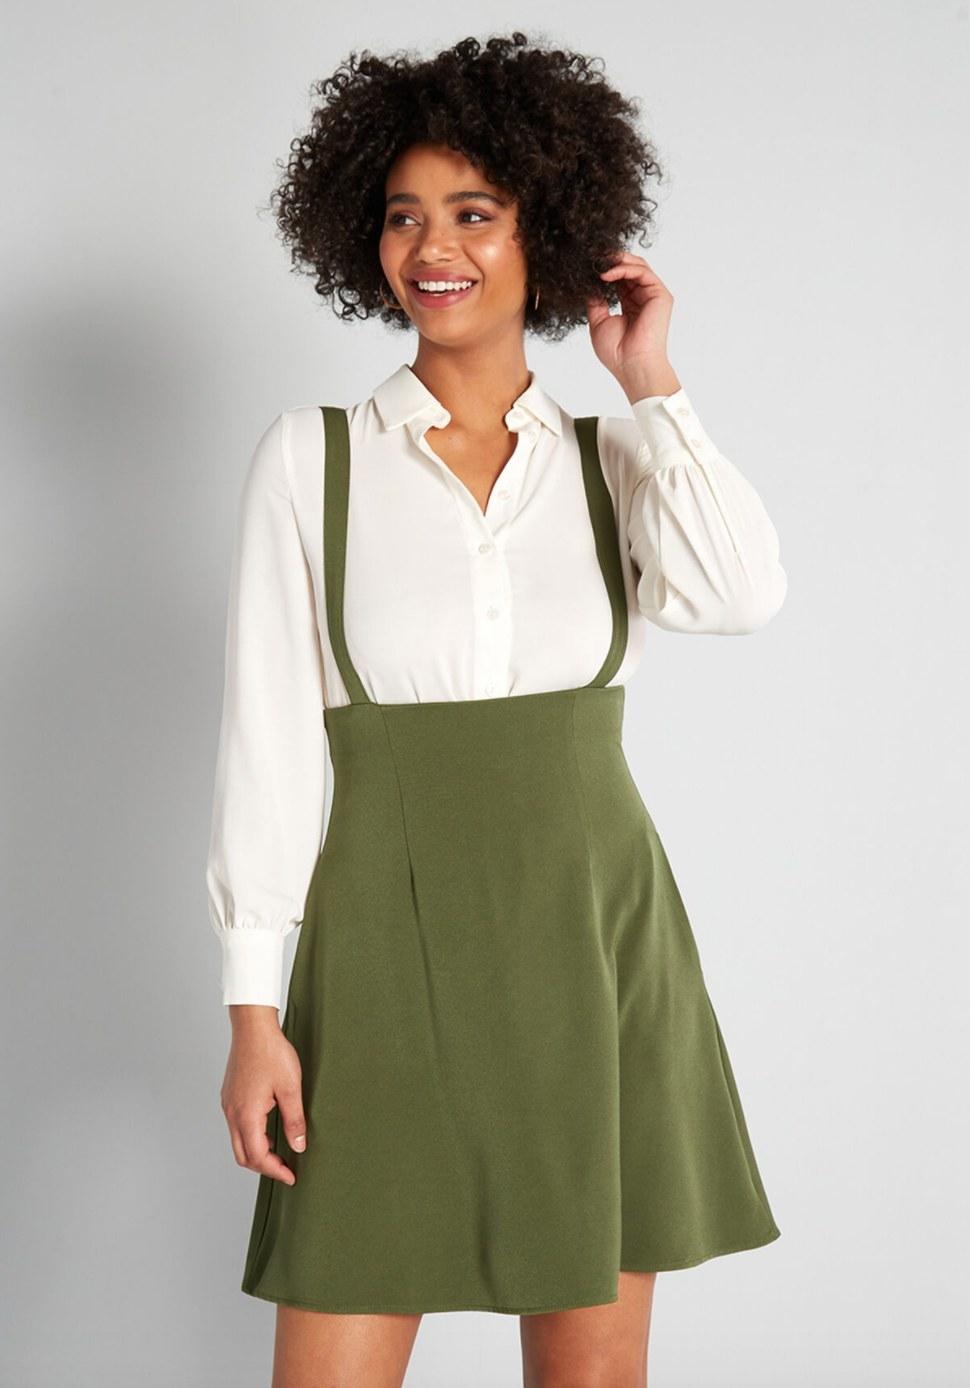 Model wearing the jumper dress in green